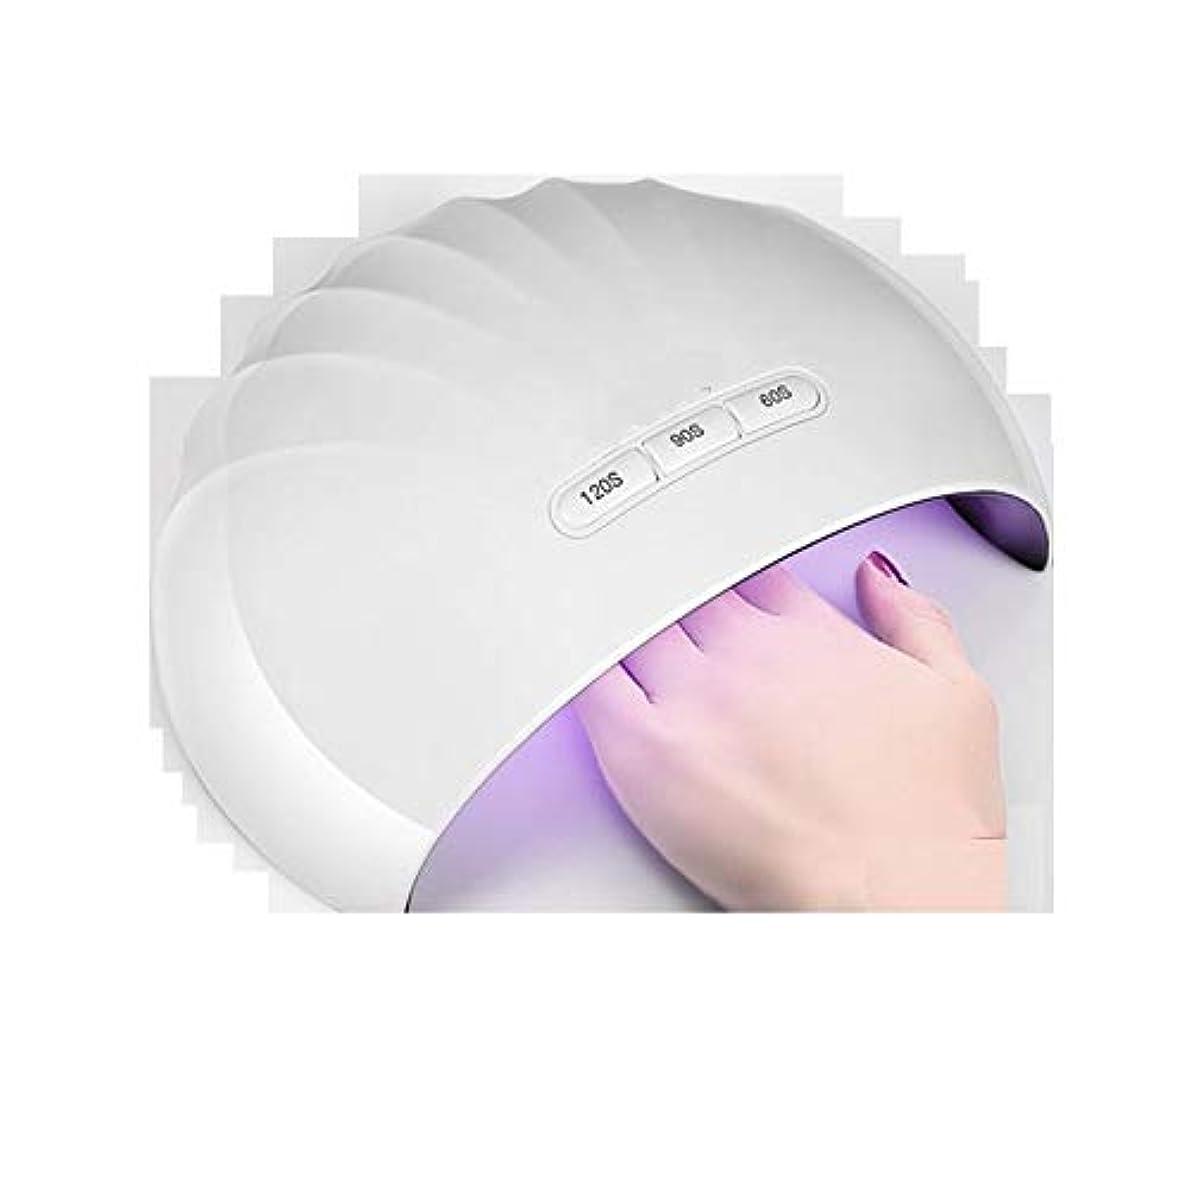 ギャラントリーエクスタシー執着LittleCat ネイルネイル光線療法機ドライヤースマート36Wネイル12個のデュアル光源ランプビーズ (色 : White+USB cable)